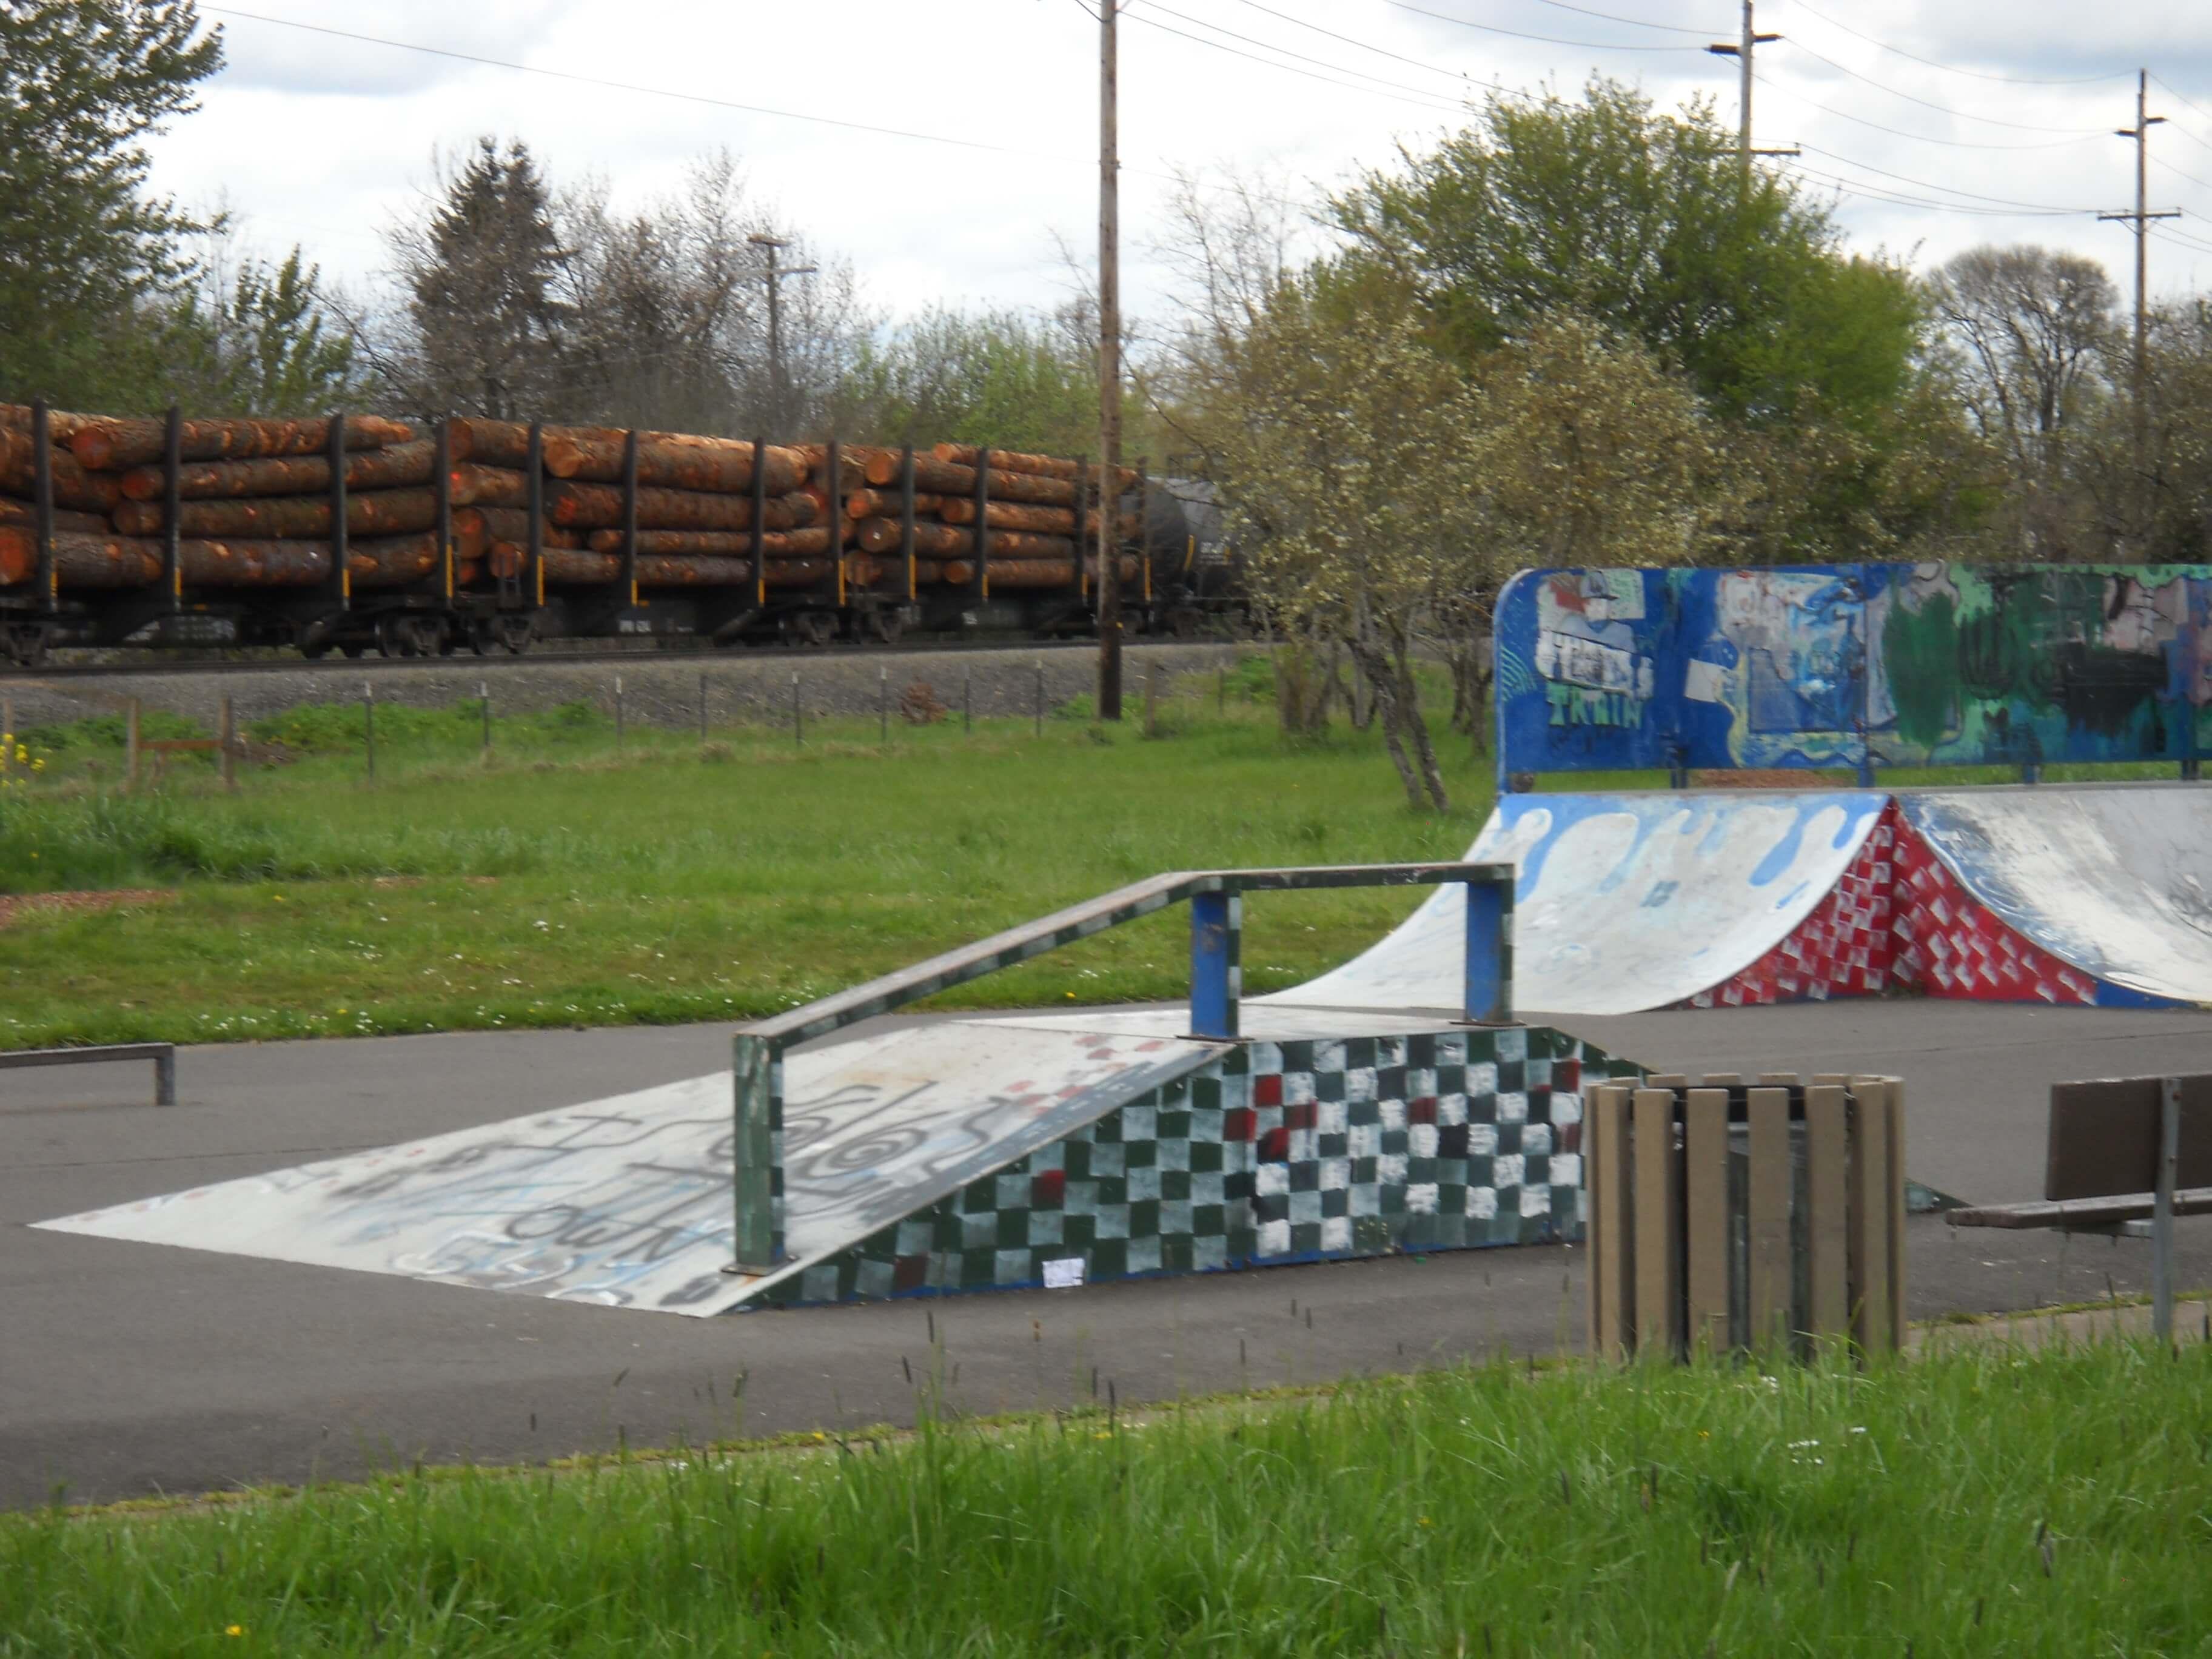 trainsong skatepark, eugene, oregon